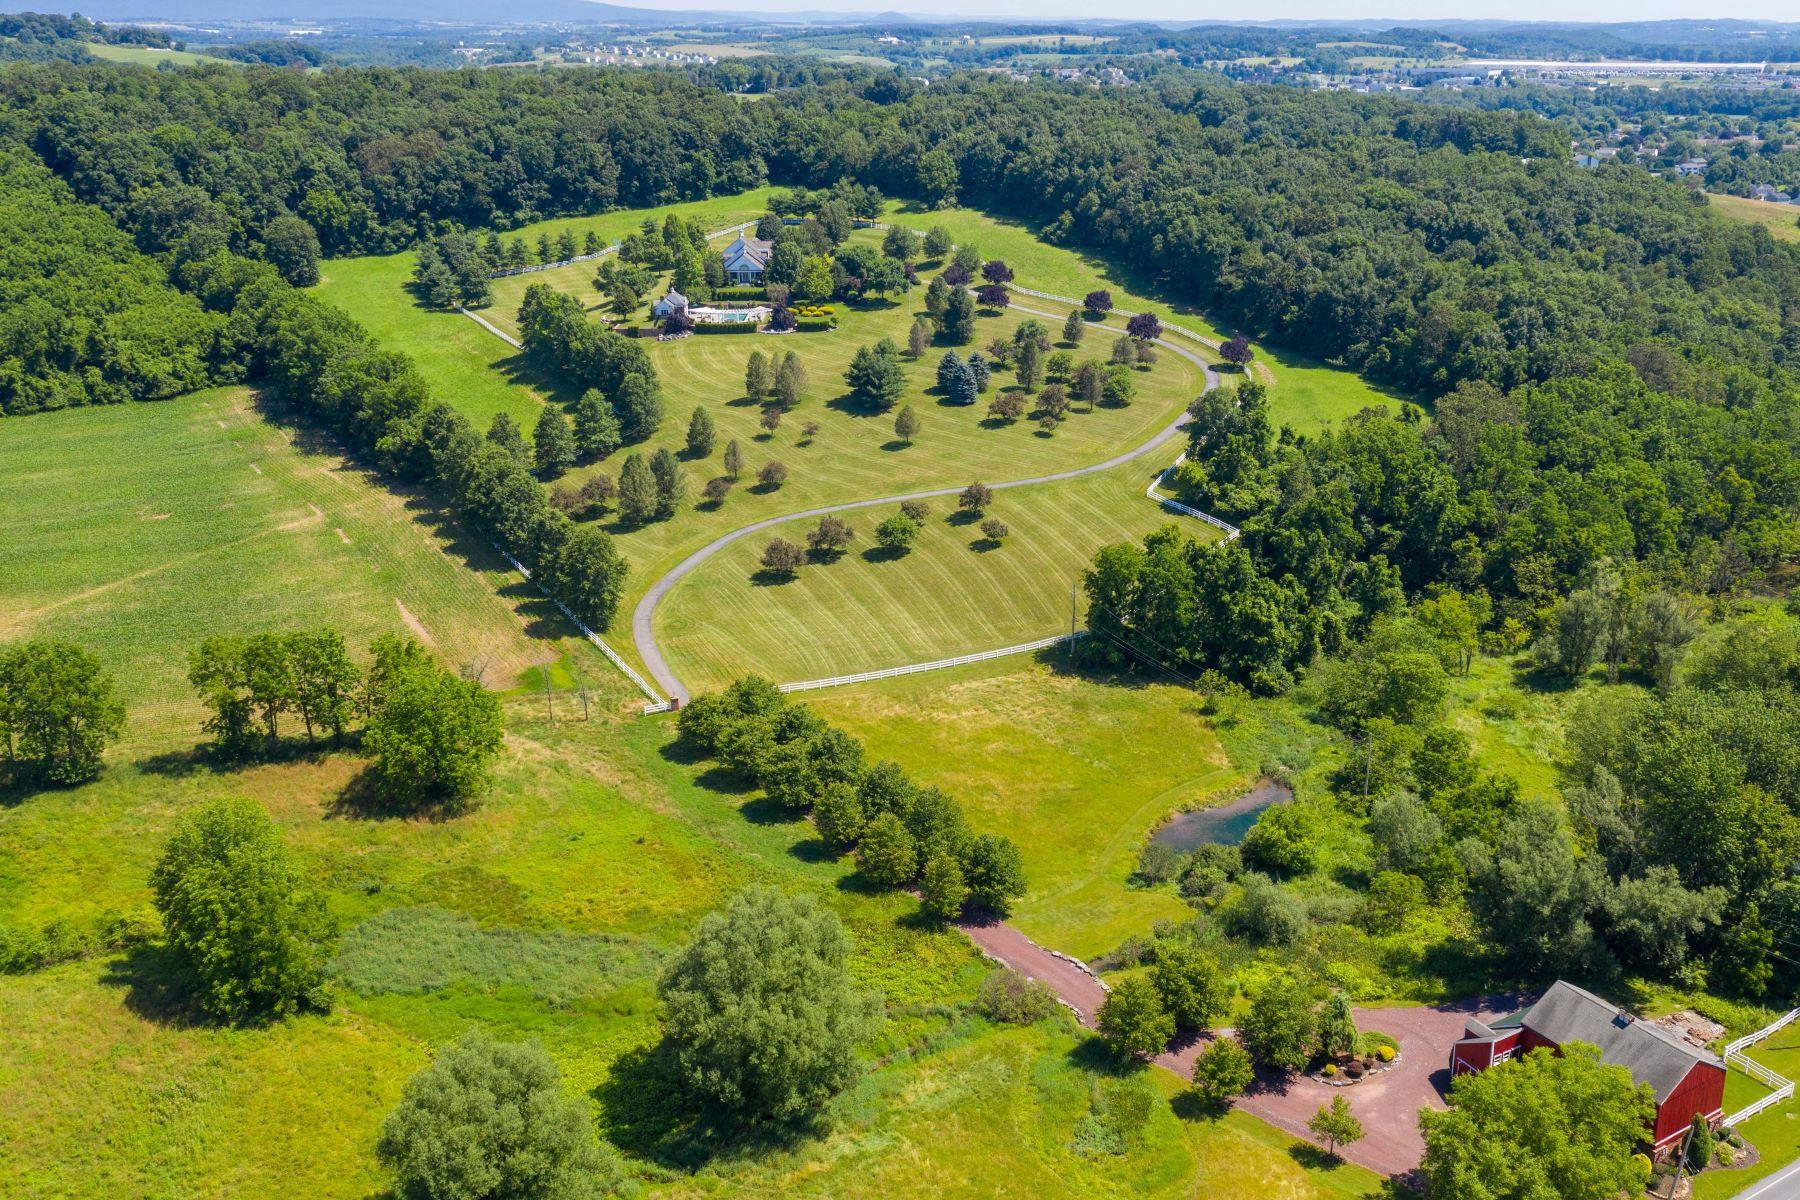 Φάρμα/ράντσο/φυτεία για την Πώληση στο 1081 Grange Rd, Bern Township- Farm Leesport, Πενσιλβανια 19533 Ηνωμένες Πολιτείες